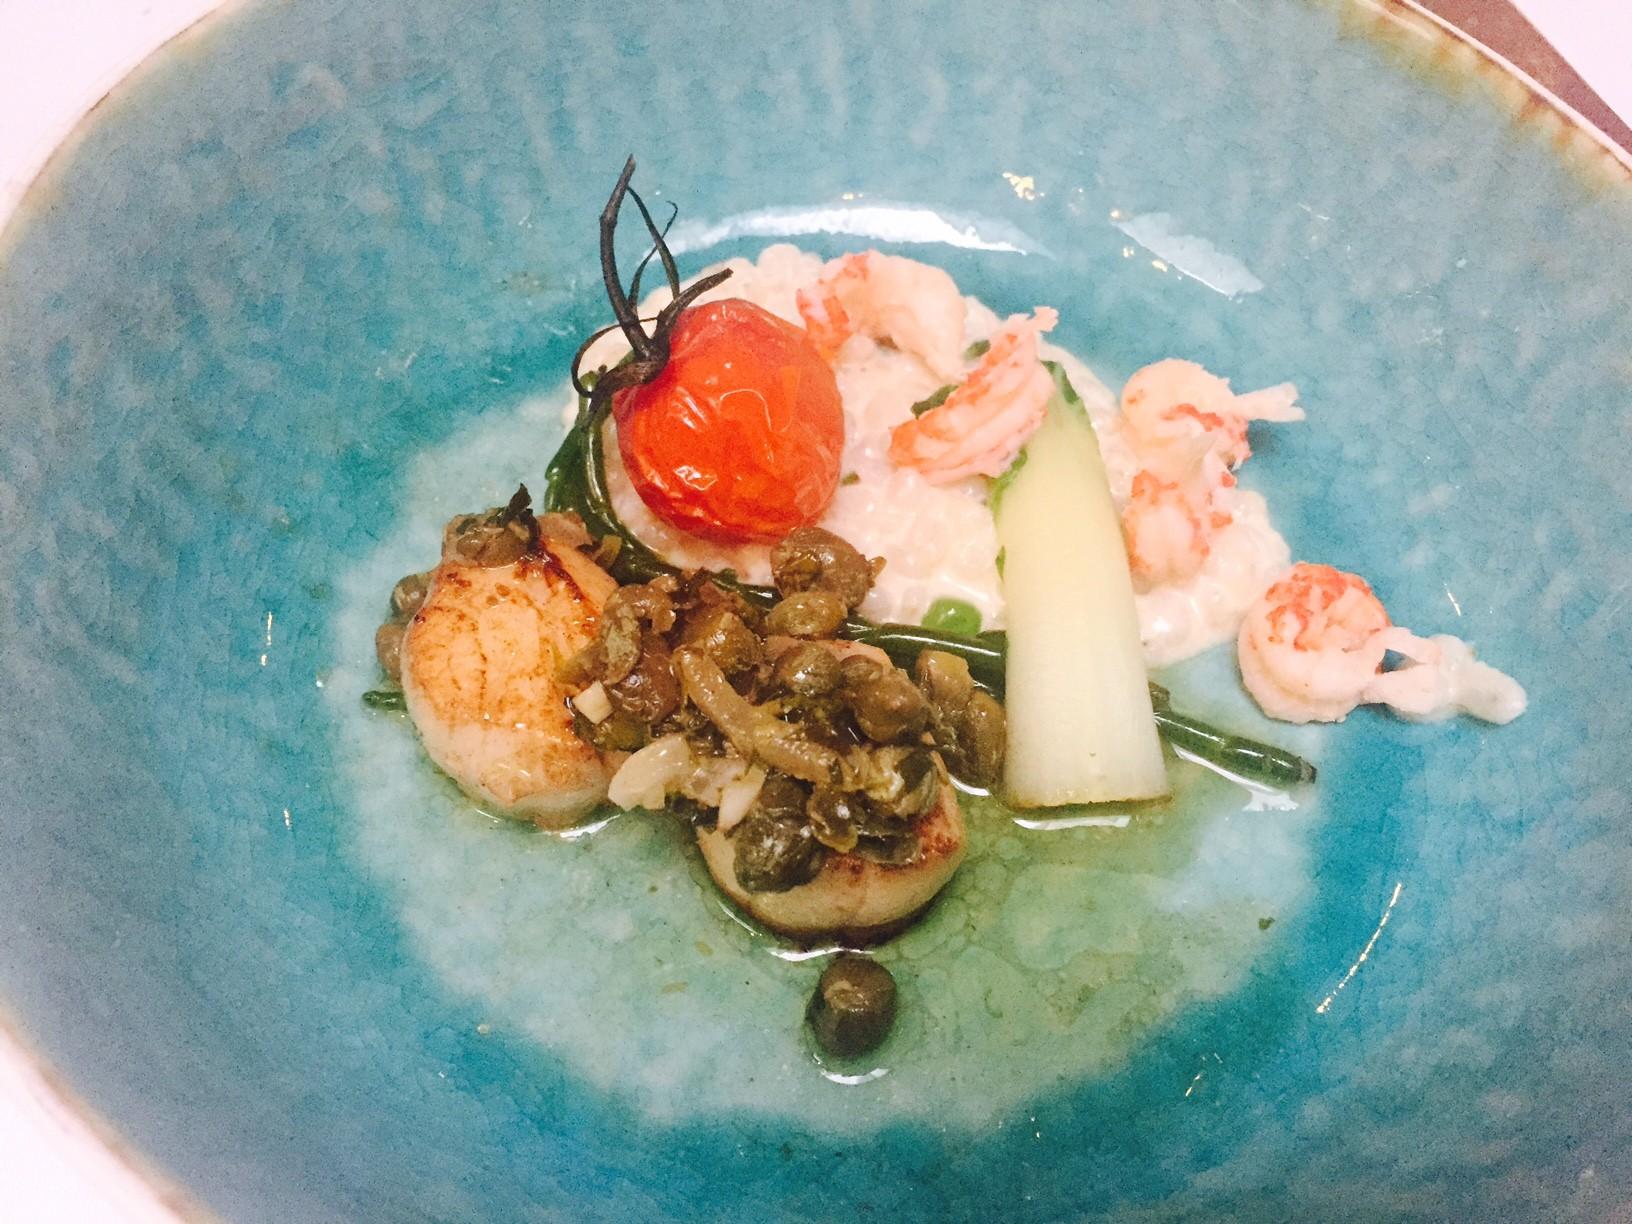 Coquilles met parelgort risotto weekendje apeldoorn kingstreet restaurant Bilderberg Keizerskroon foodblog Foodinista